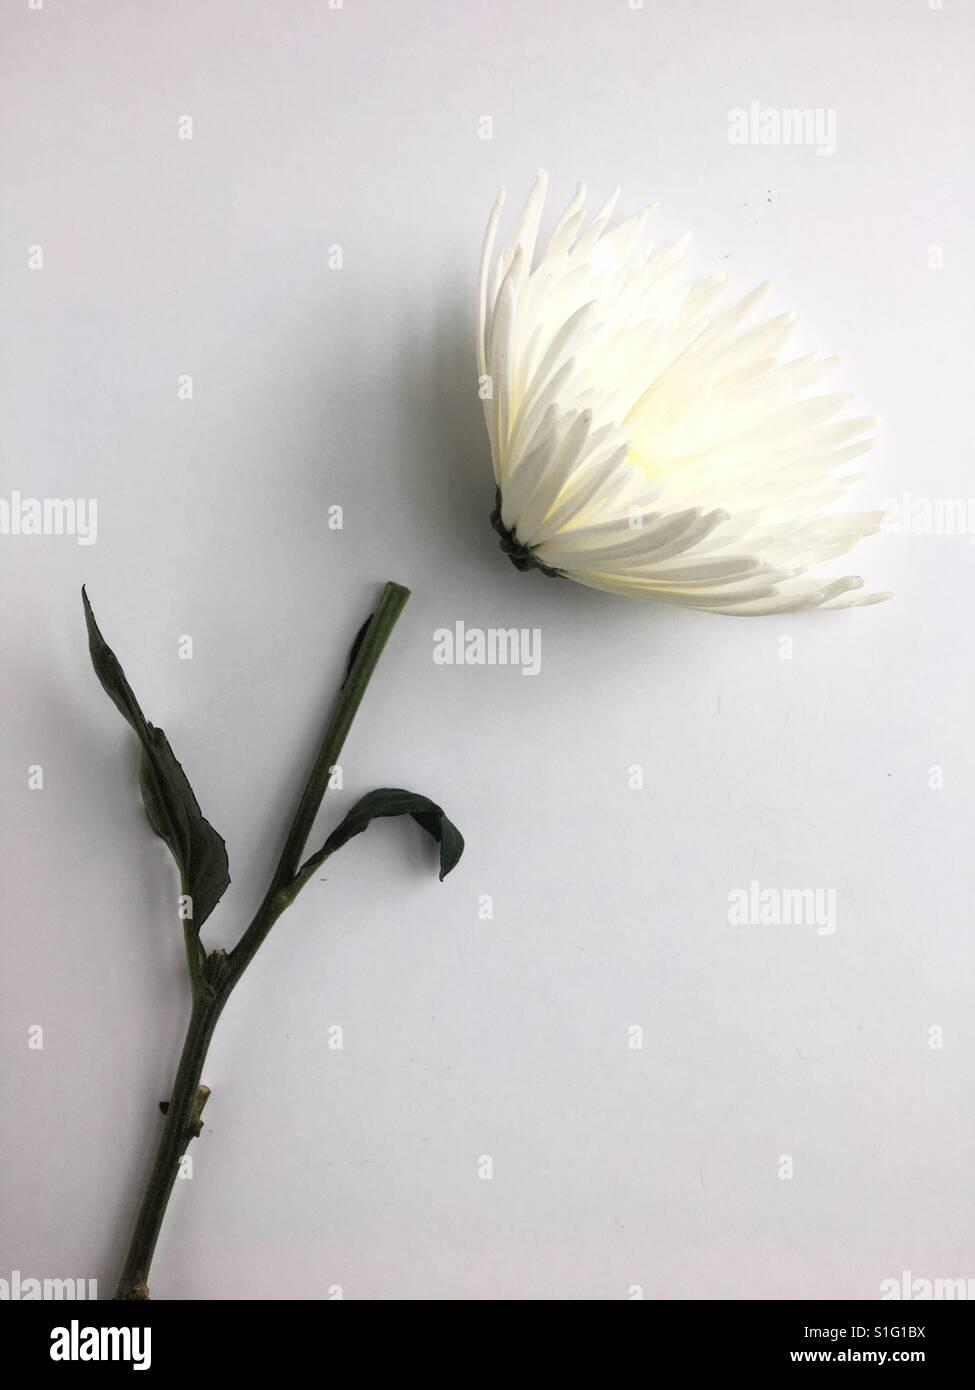 La rottura di un fiore bianco. Immagini Stock